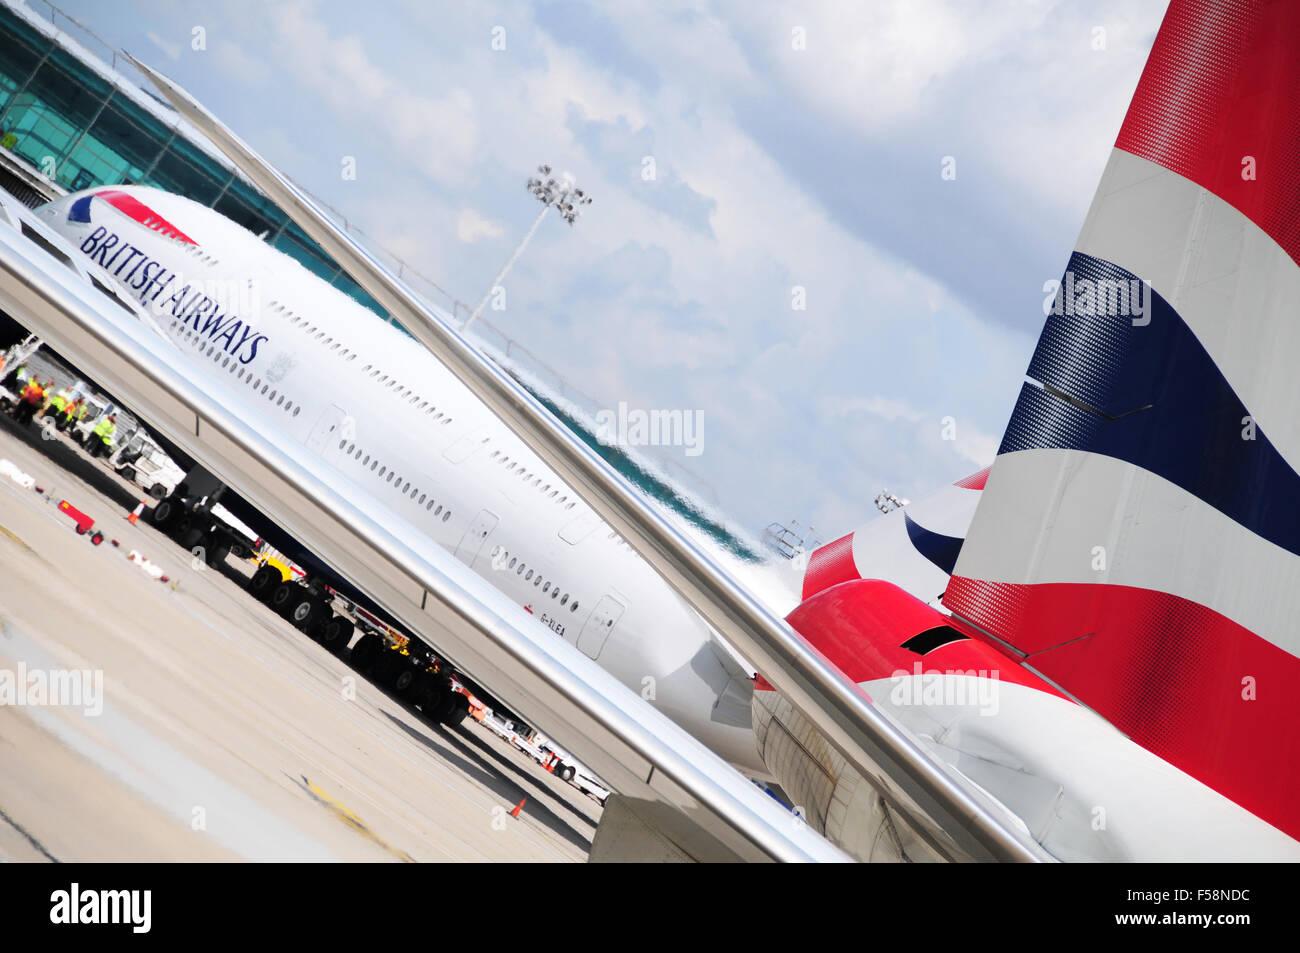 British Airways A380 am Flughafen Stansted UK Stockbild